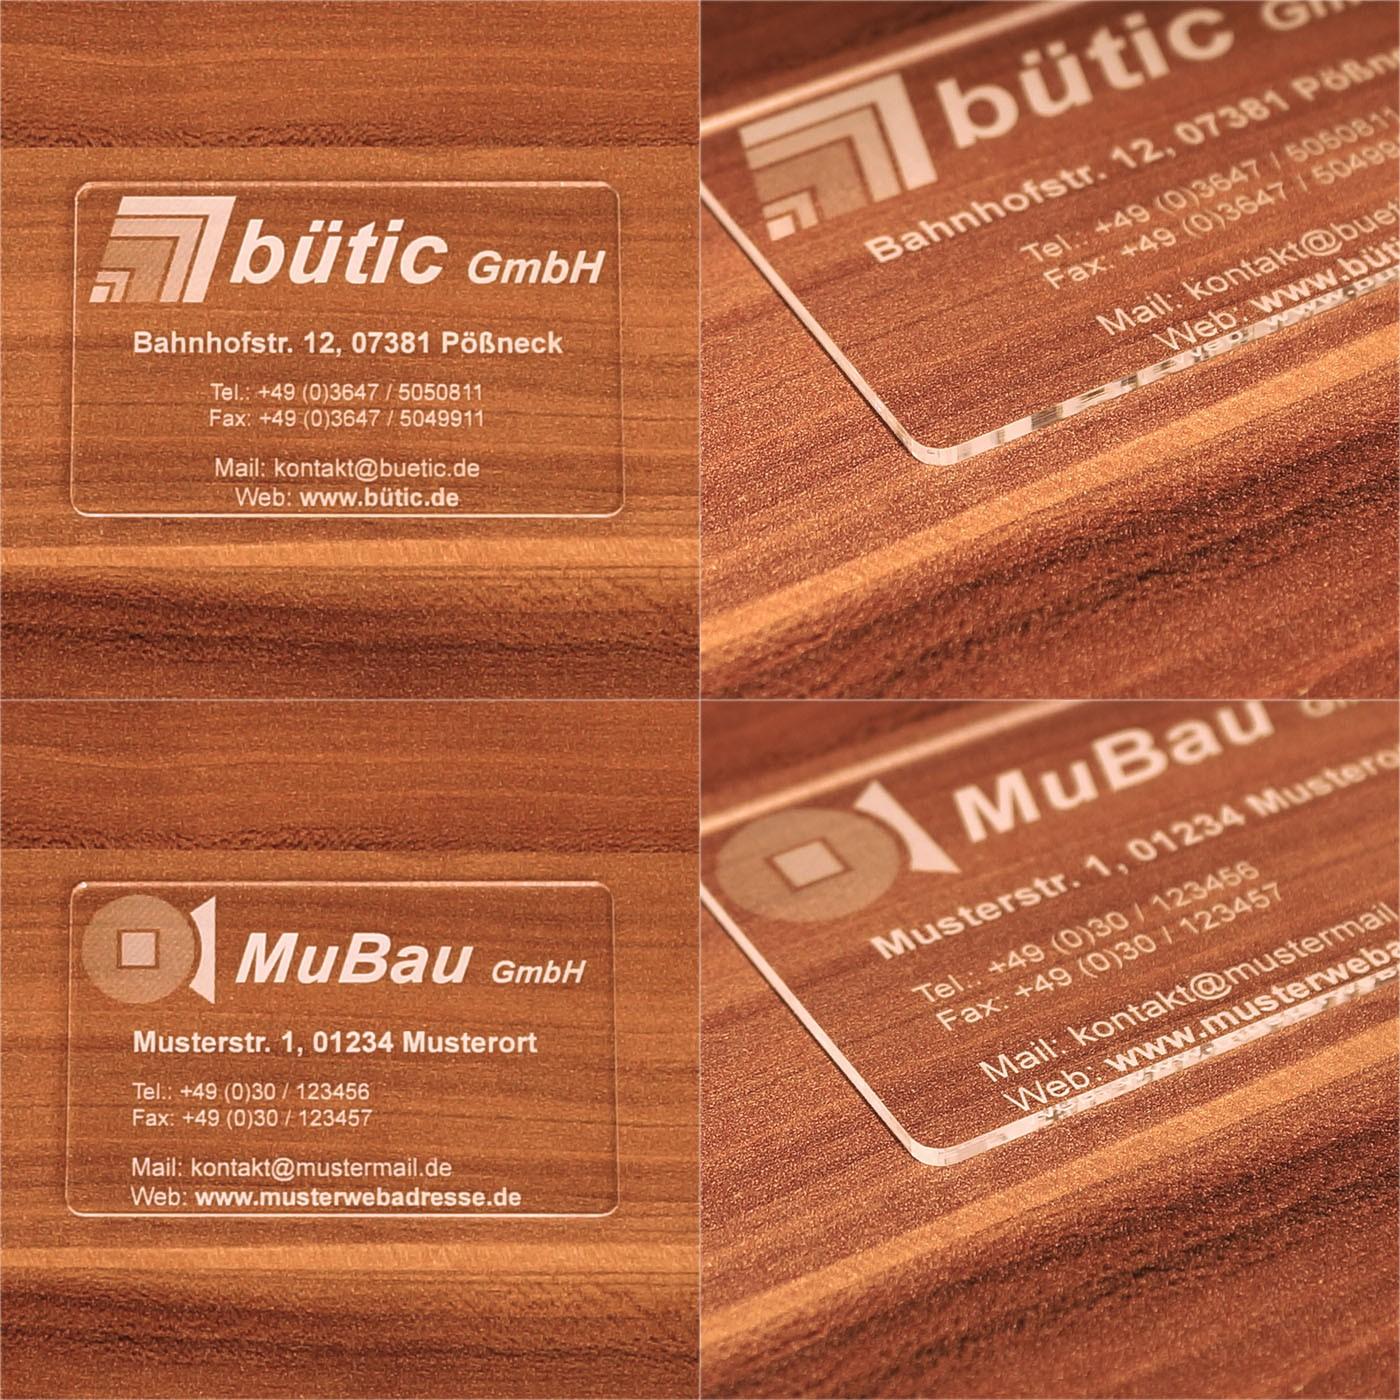 Premium Plexiglas® Visitenkarten im Kreditkartenformat mit ihrem Text und Logo